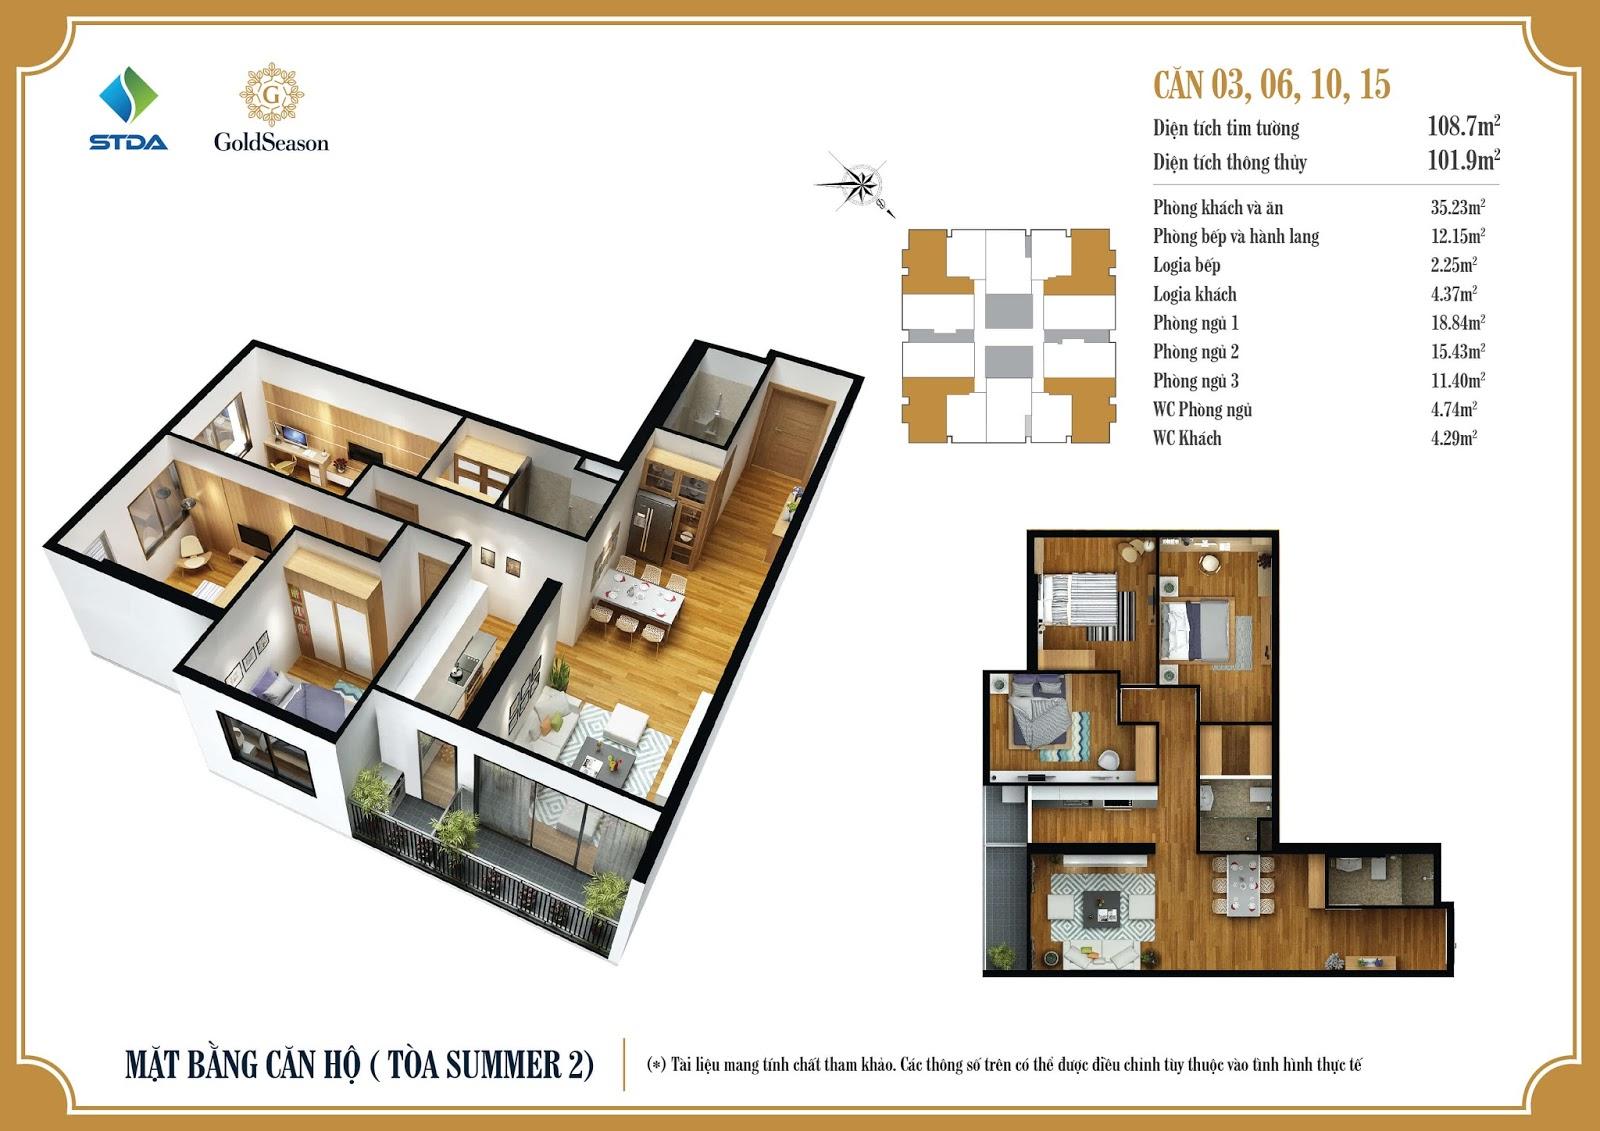 Thiết kế chi tiết mặt bằng căn hộ số 03, 06, 10 và 15 diện tích 108,7m2 - GoldSeason